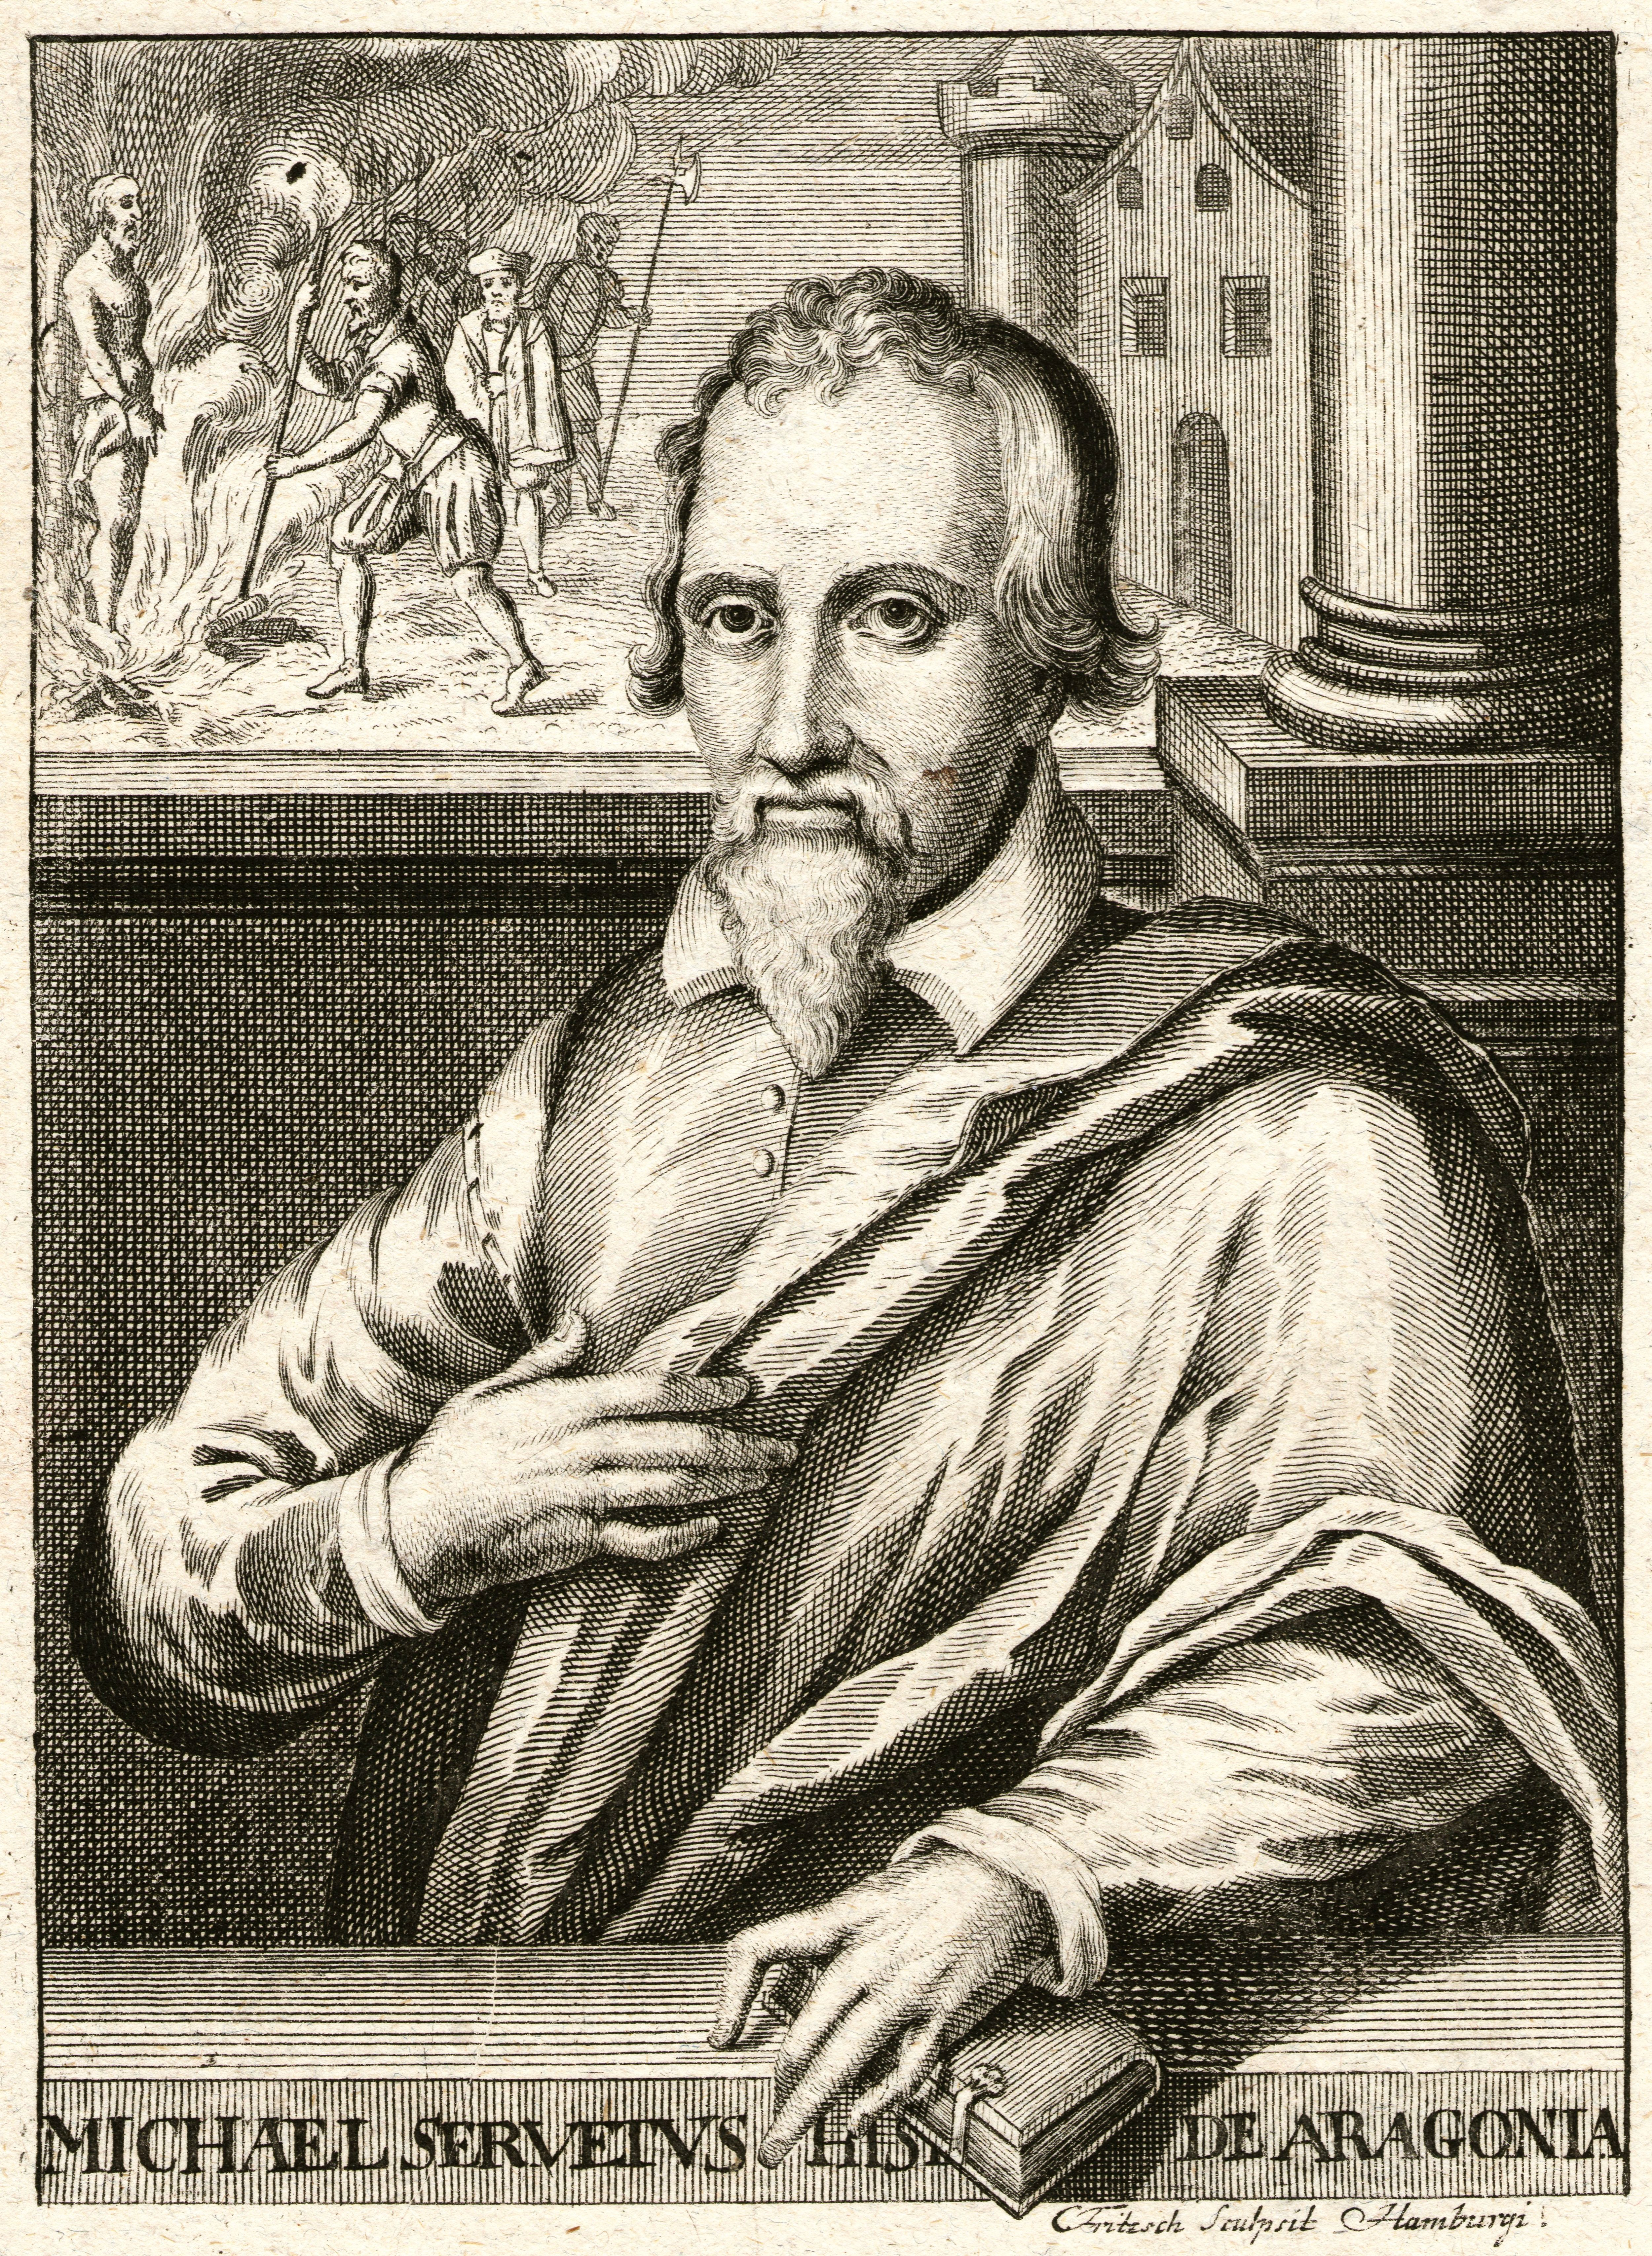 Depiction of Miguel Servet